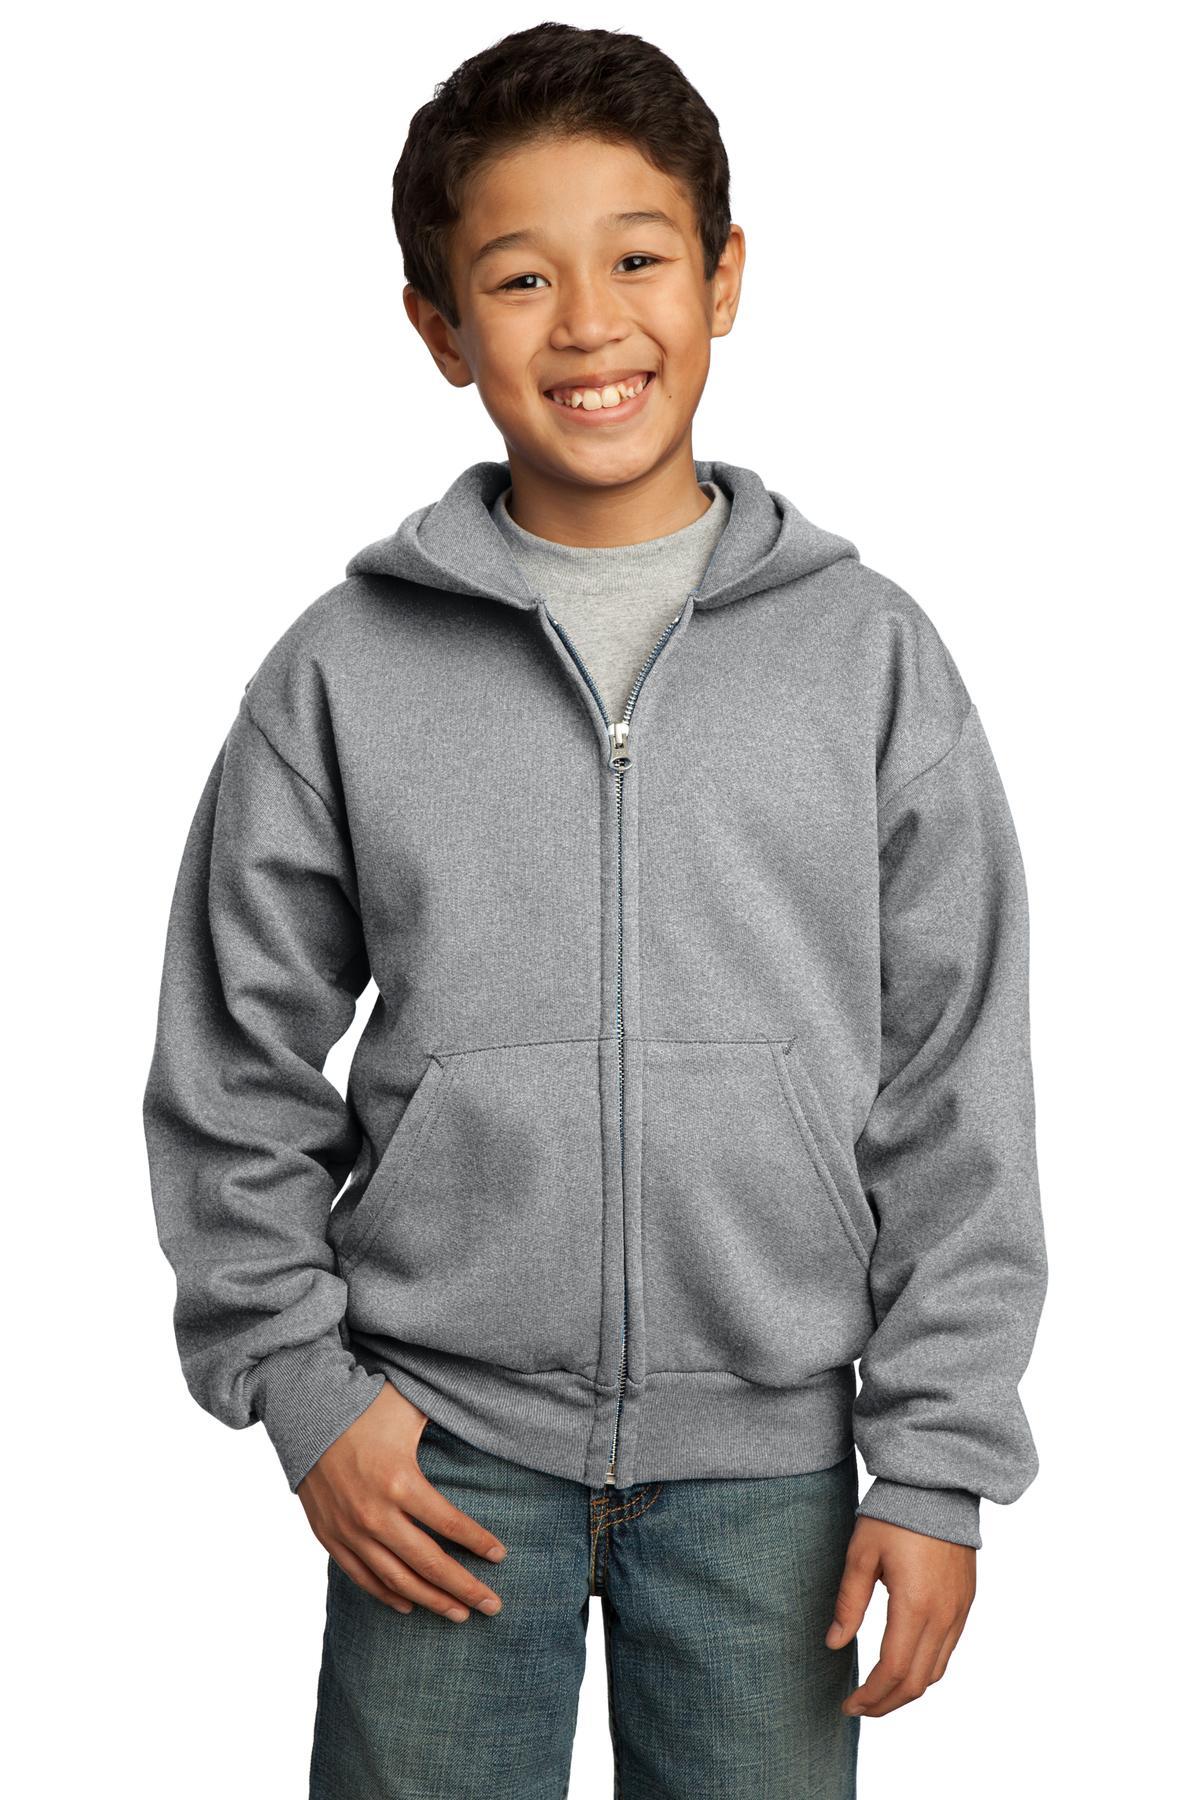 Sweatshirts-Fleece-Hooded-47